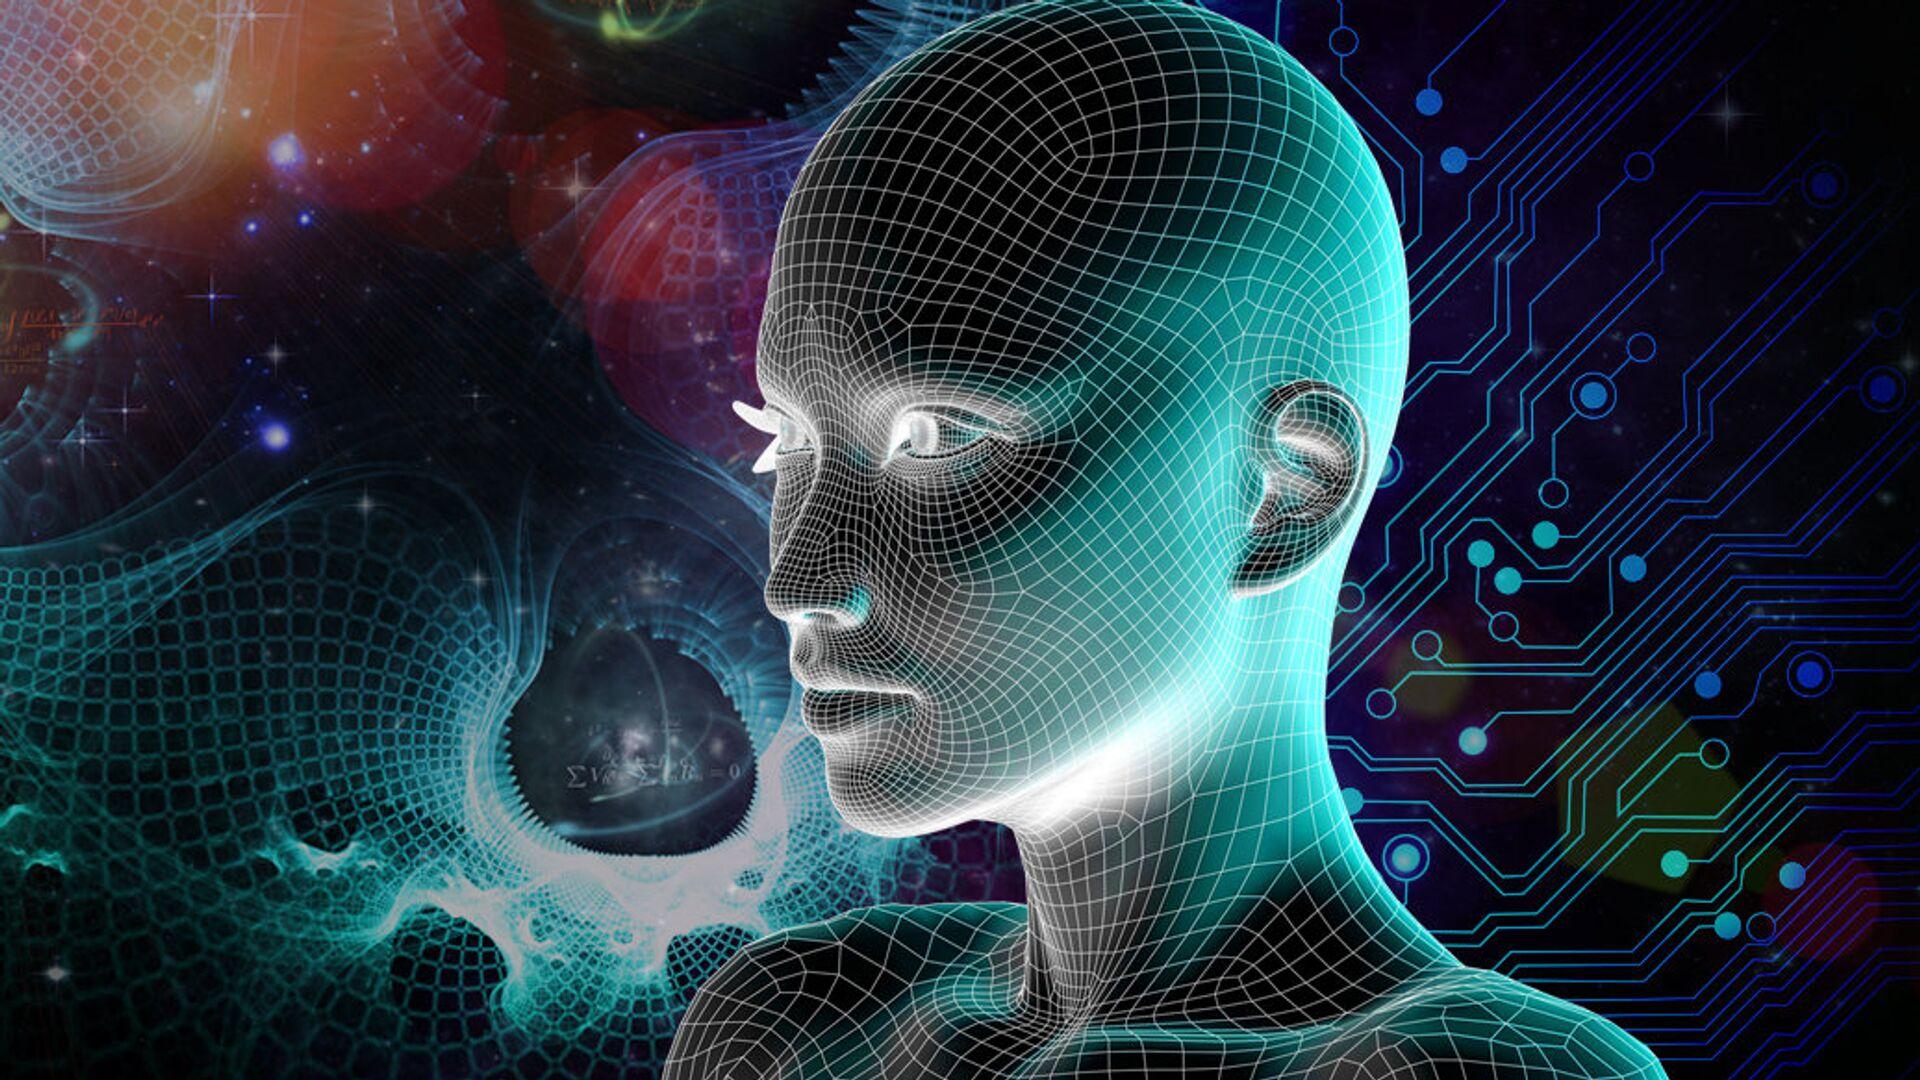 Слияние квантовых и IT-технологий произведет революцию в цифровом мире - РИА Новости, 1920, 09.11.2020